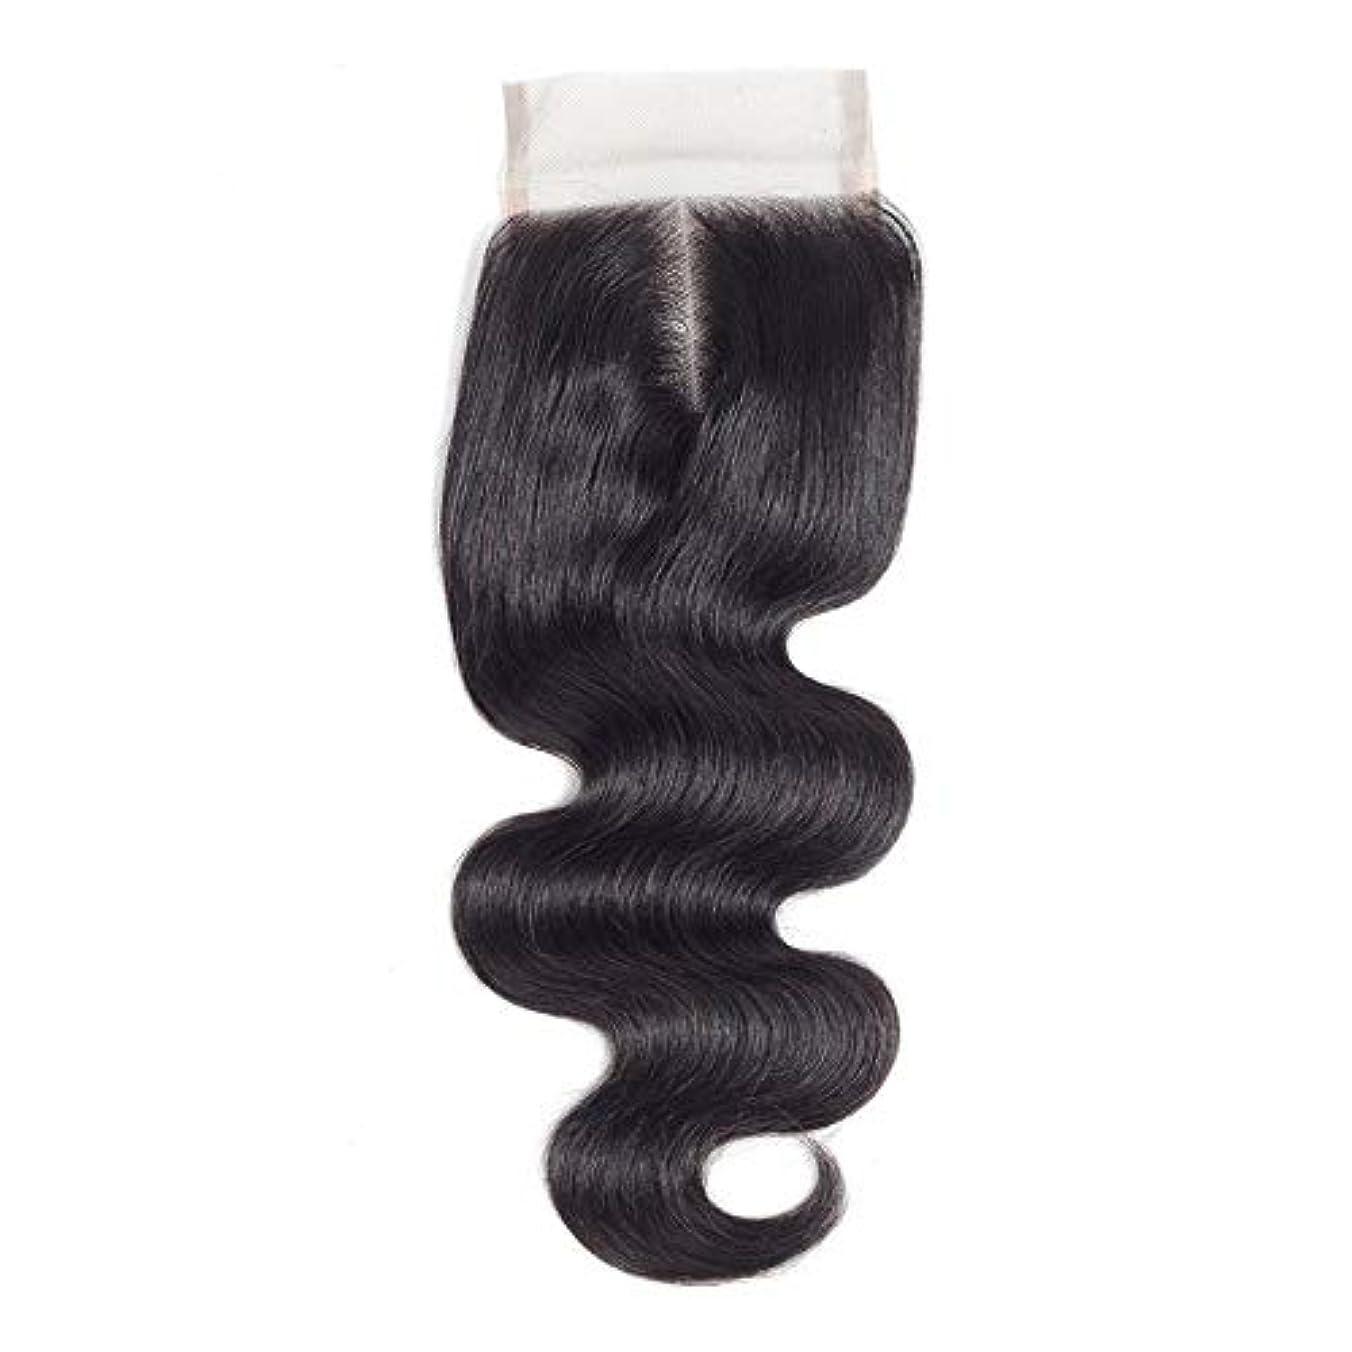 注目すべき学んだバングWASAIO ブラジルのボディウェーブ女性の人間Veridicalヘアエクステンションクリップのシームレスな髪型4x4のレースフロンタル閉鎖センター別れ(8インチ?20インチ) (色 : 黒, サイズ : 10 inch)